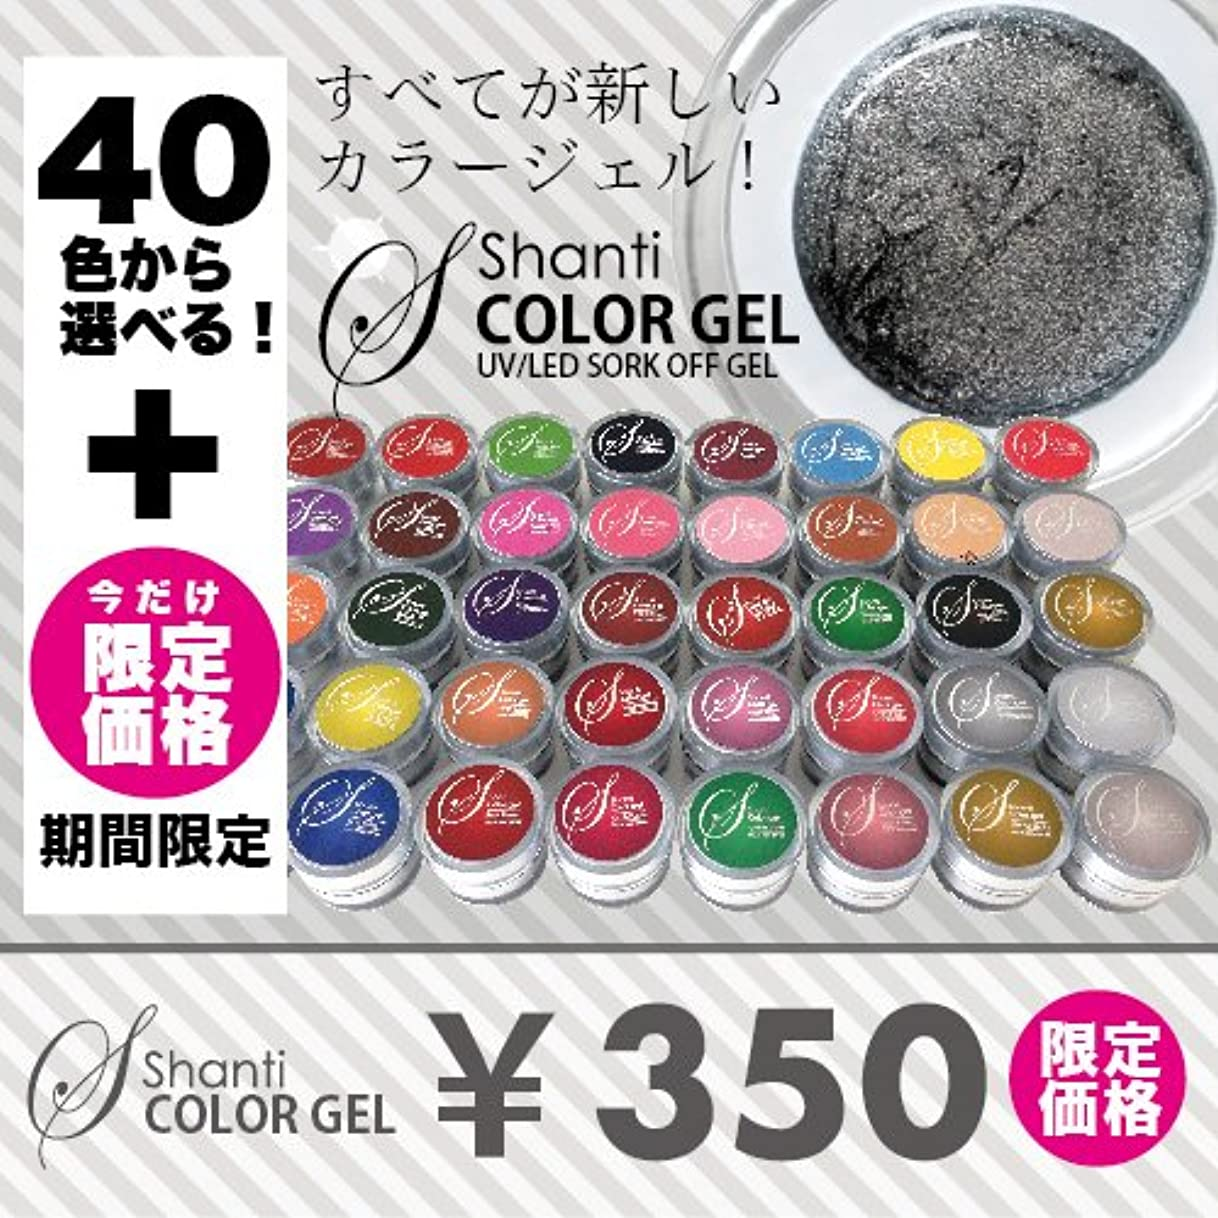 ワークショップ散髪効率的に【LED/UV両対応ジェル】SHANTI GEL(シャンティージェル) カラージェル 5g(ソフトカラージェル) 529:パールブルー